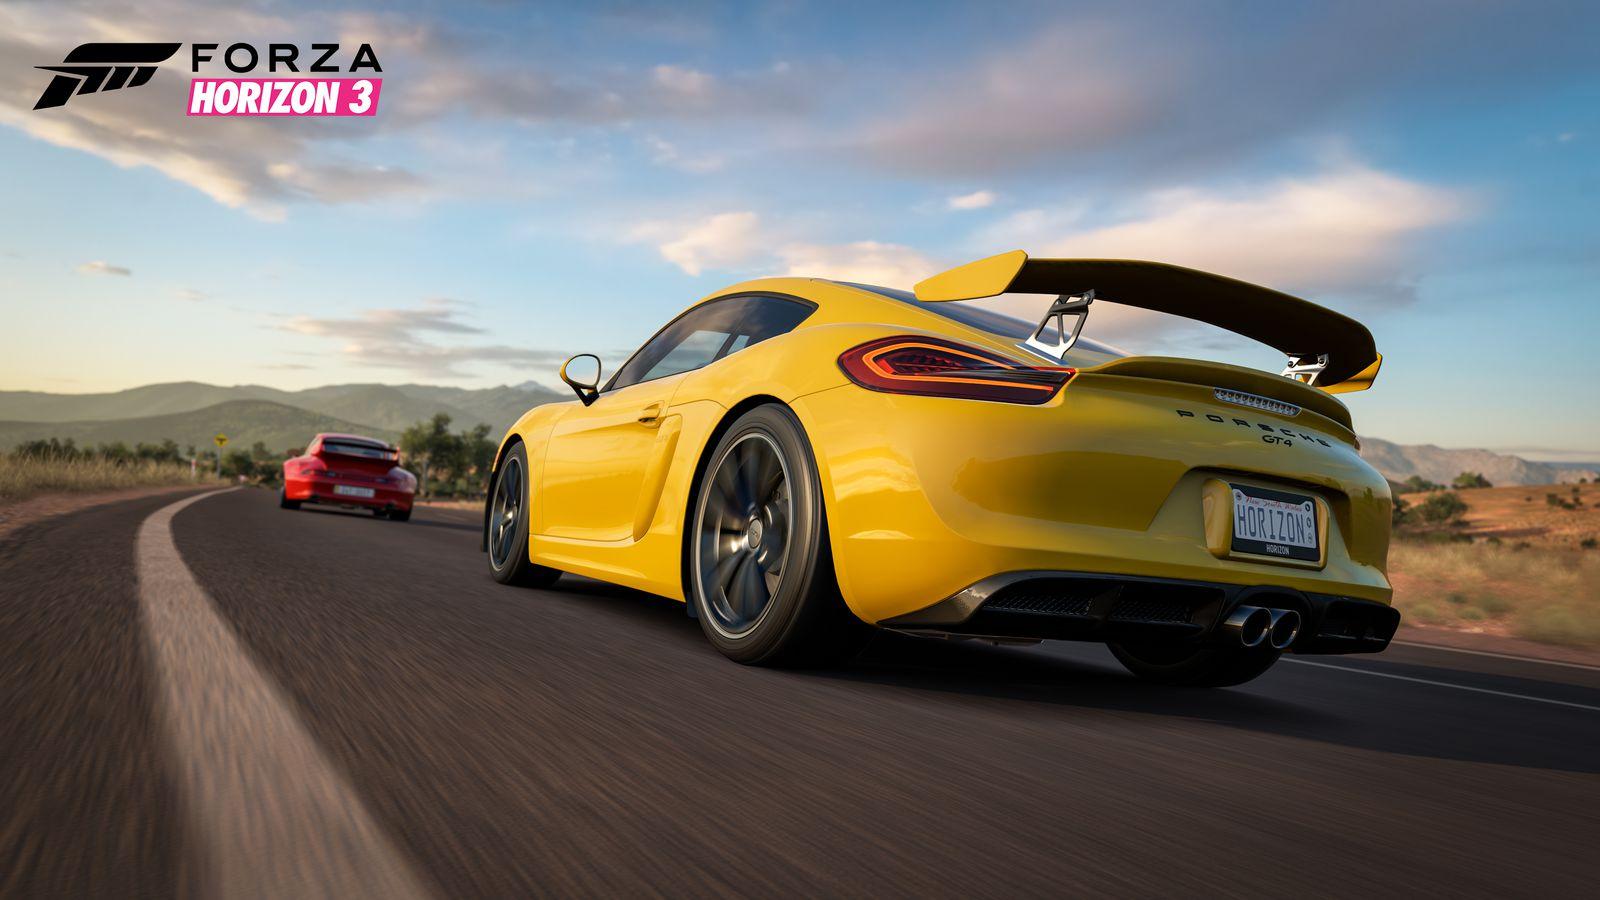 Forza Horizon  Car Pack May